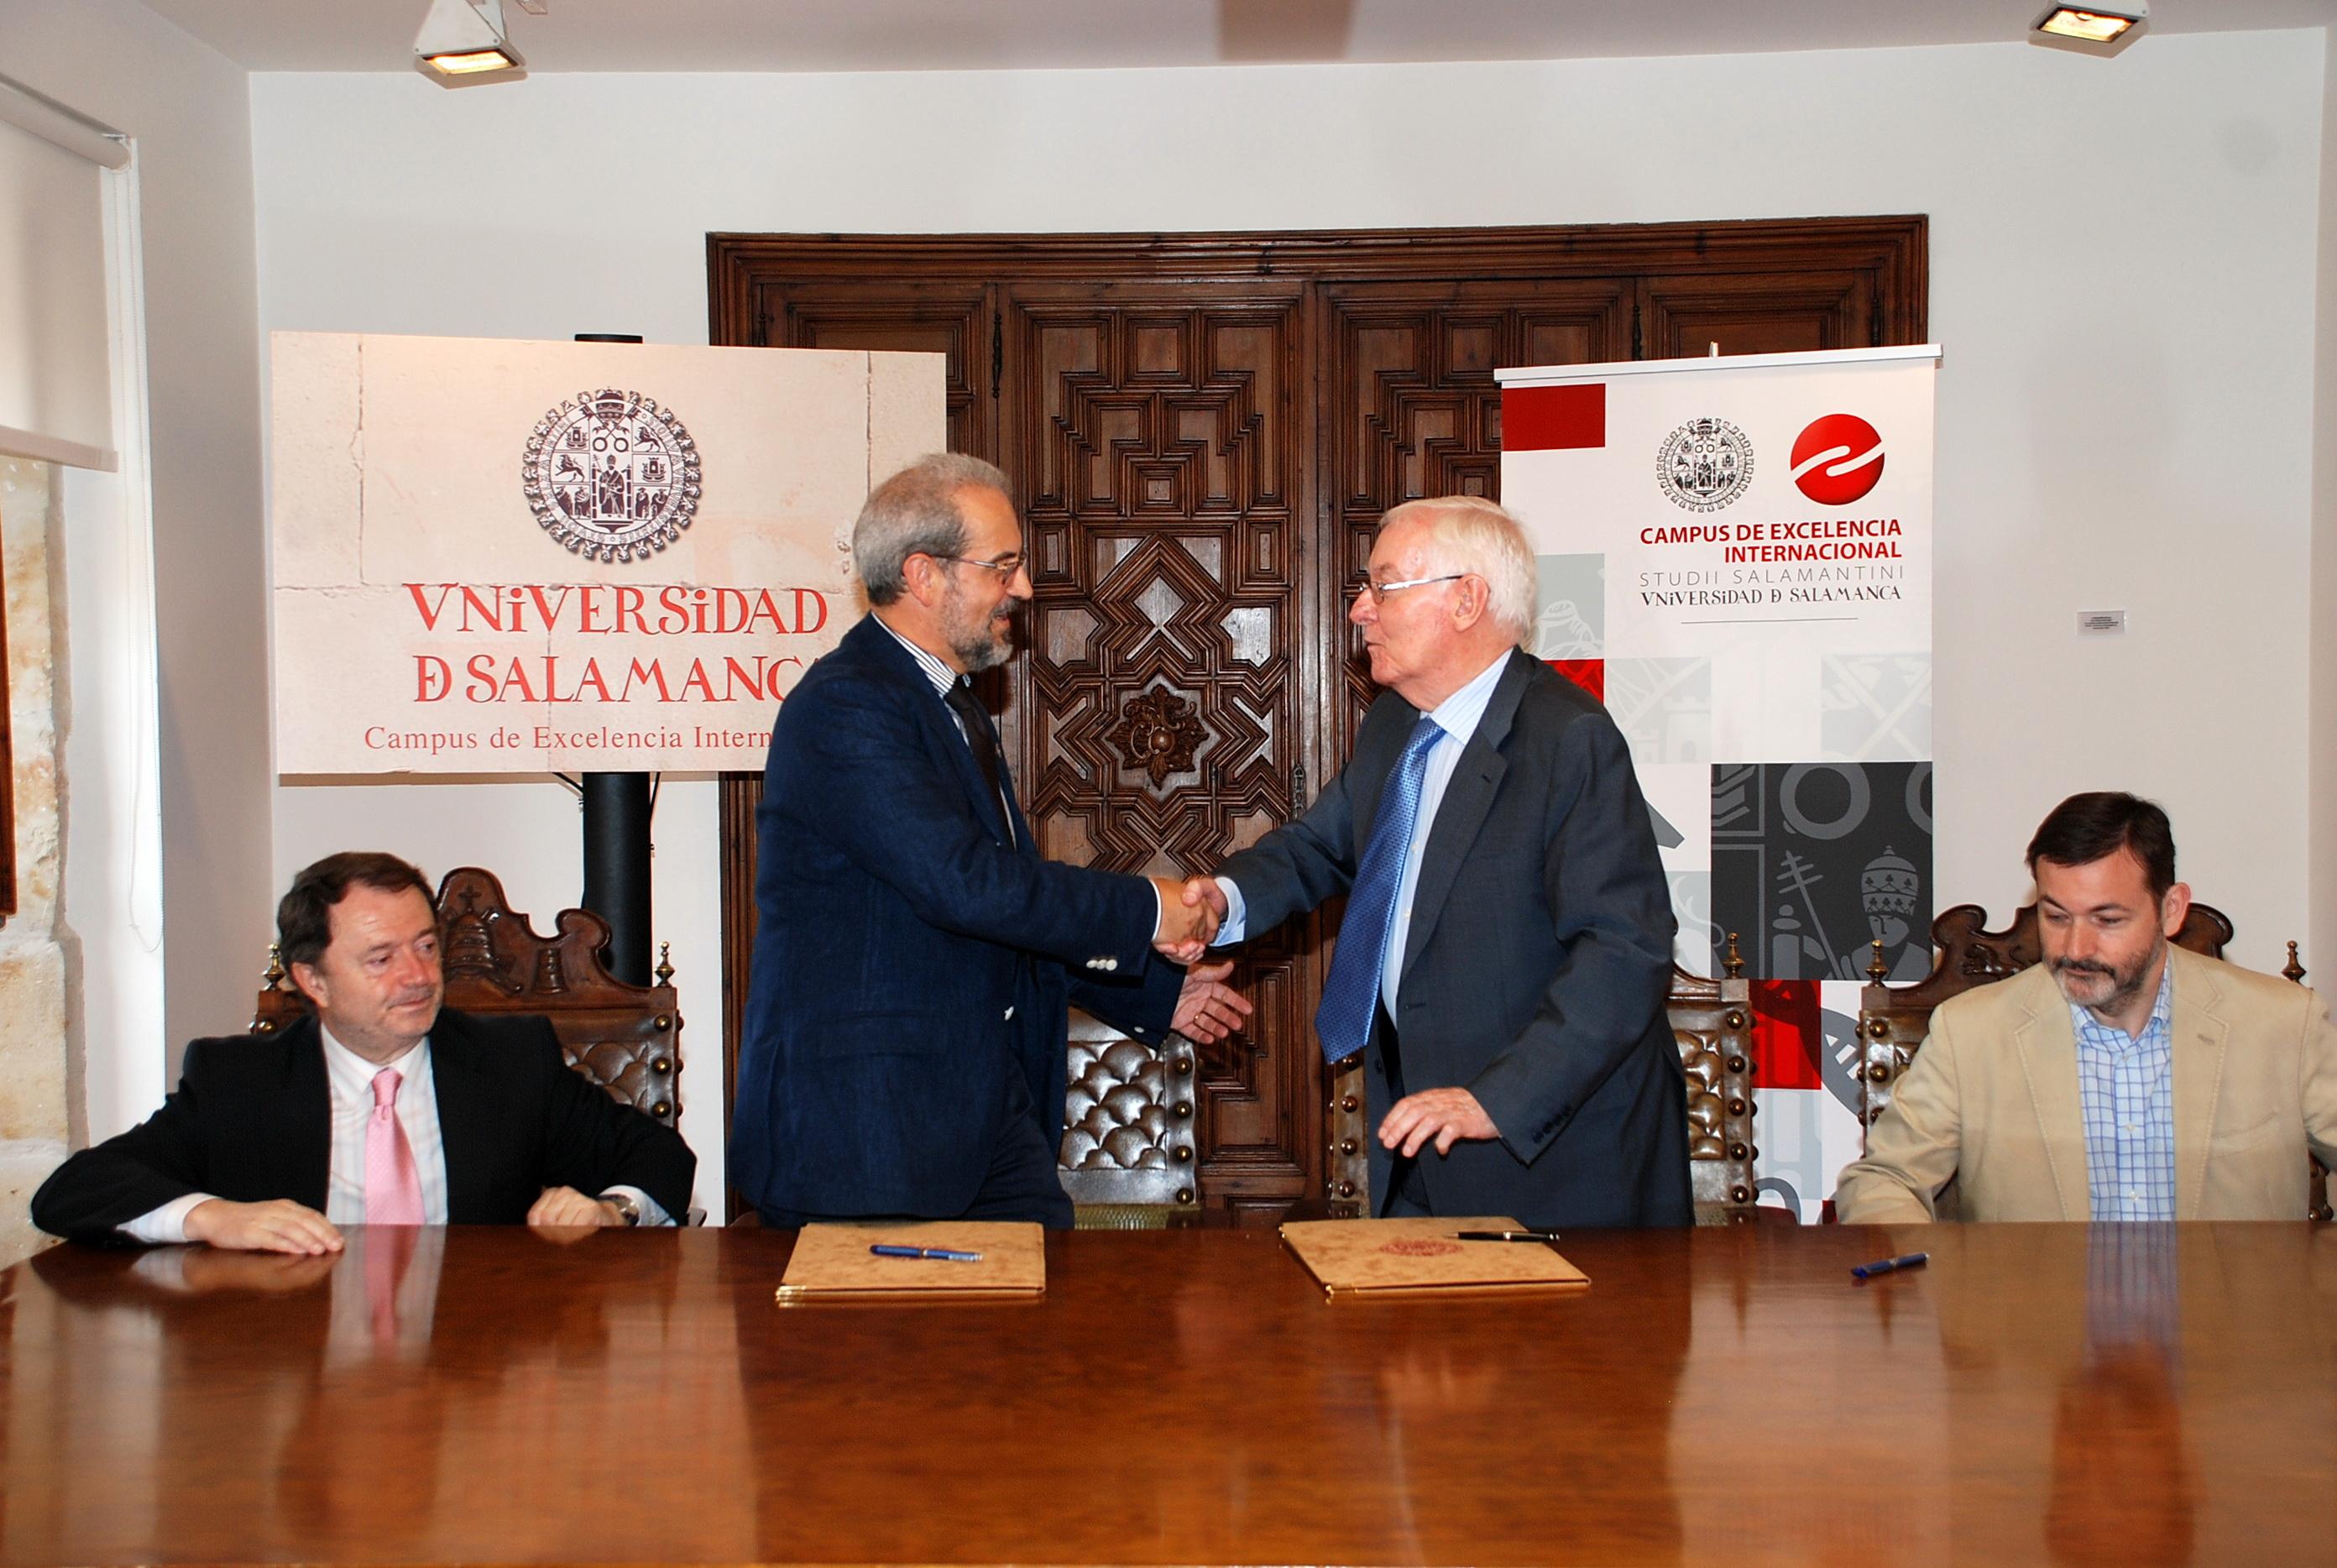 La Universidad de Salamanca y el Instituto Cervantes plantean organizar el Congreso Internacional de la Lengua Española en torno a 2018